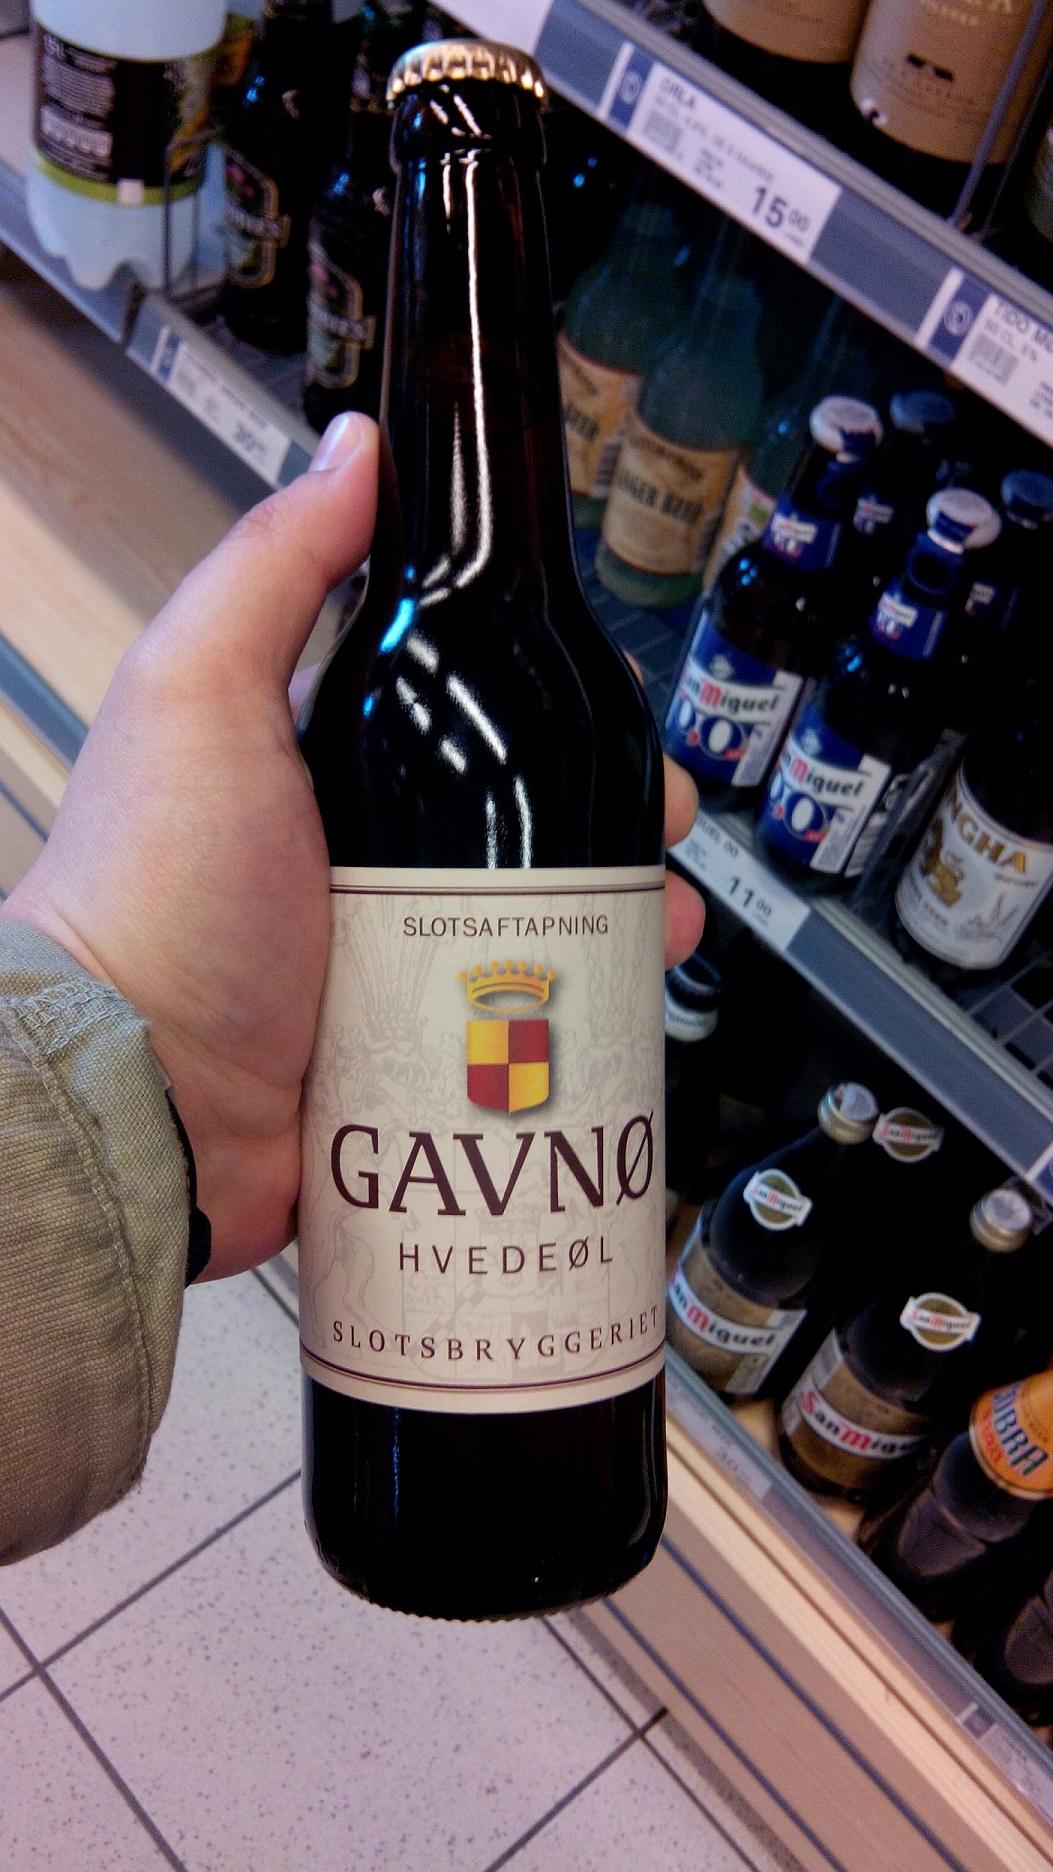 Фото: Вино «Gavno» на полке магазина в Копенгагене.